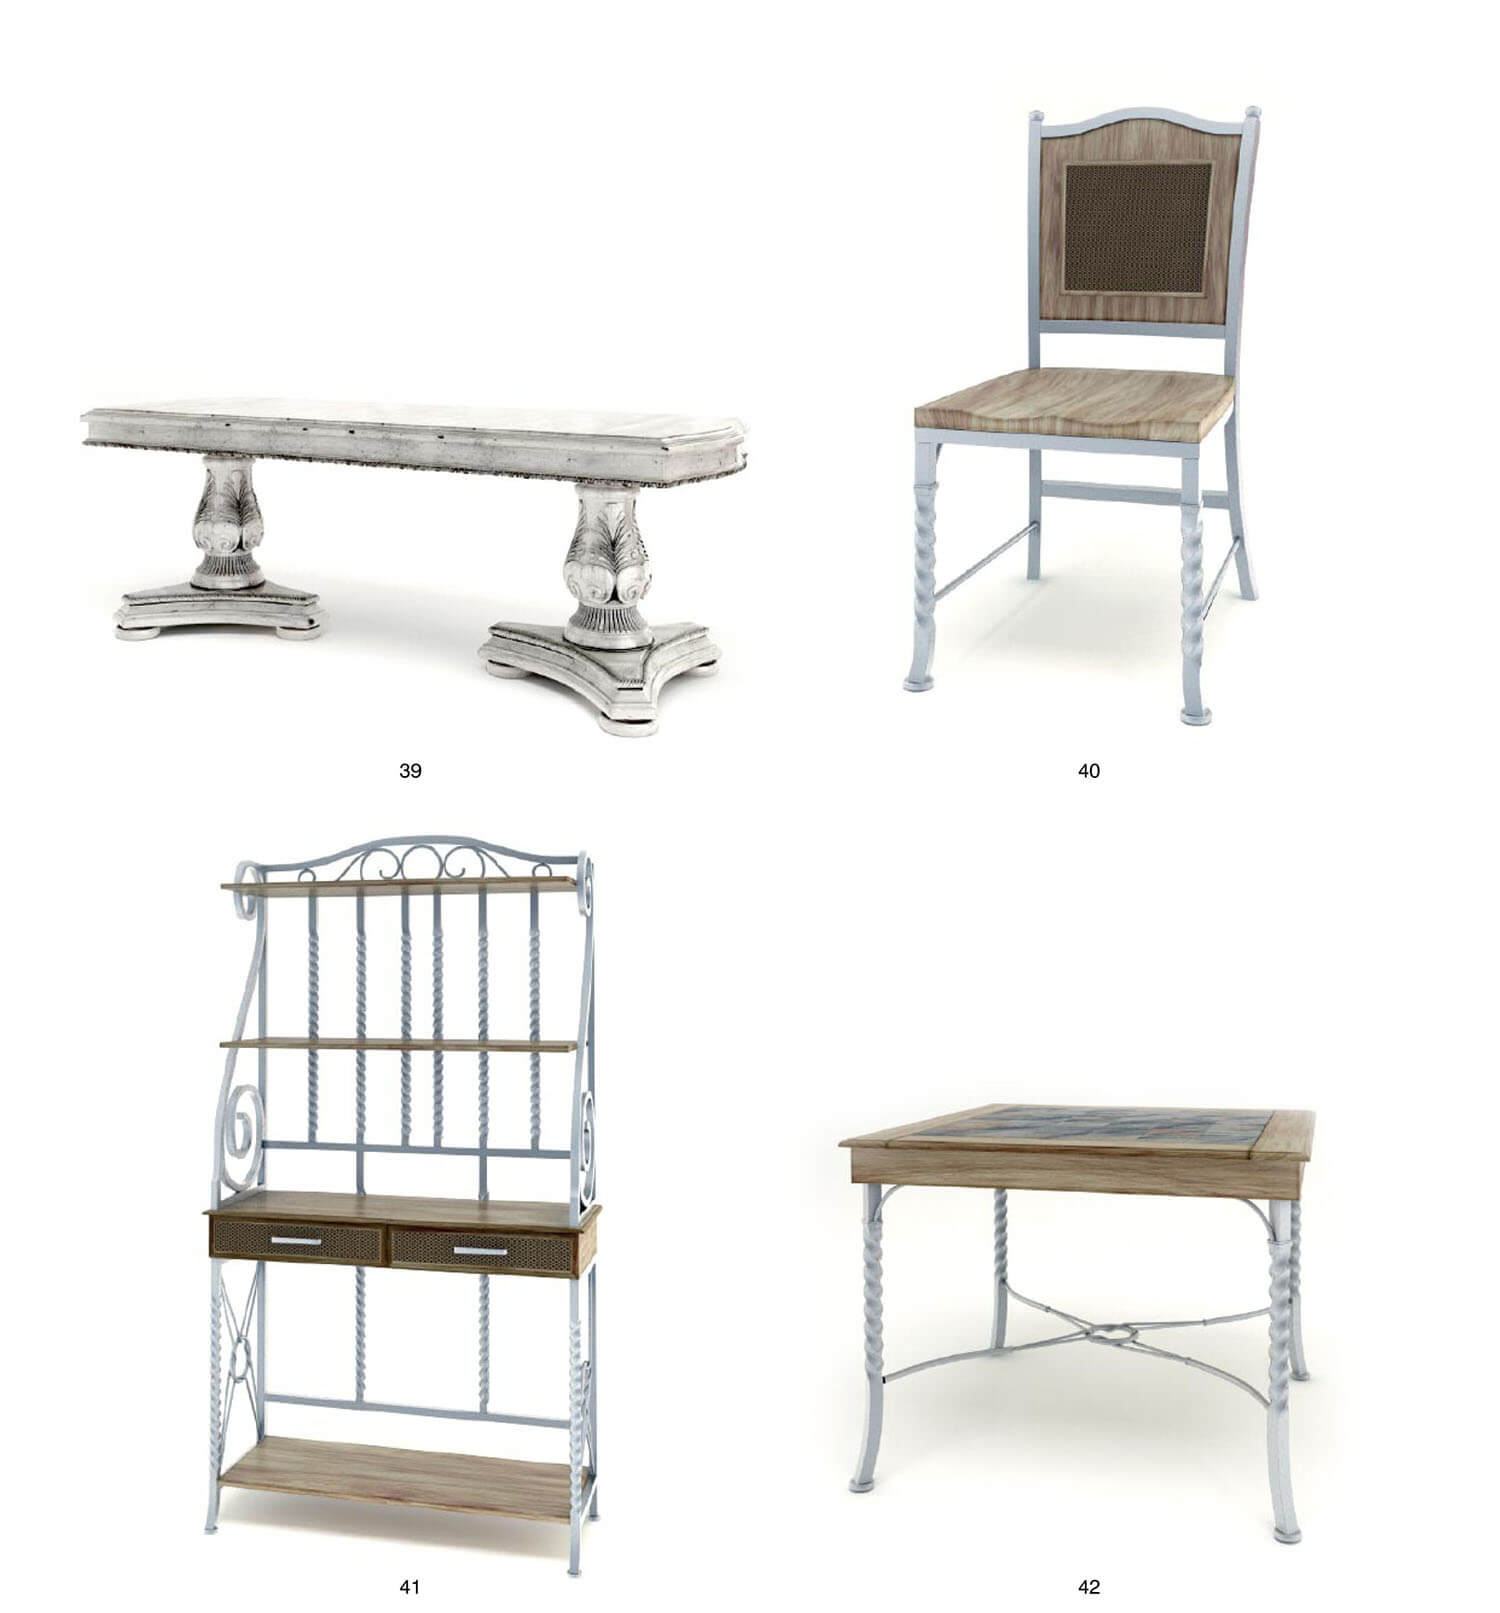 Các bộ bàn ghế kết hợp gỗ và sắt nghệ thuật không gian cafe, sân vườn